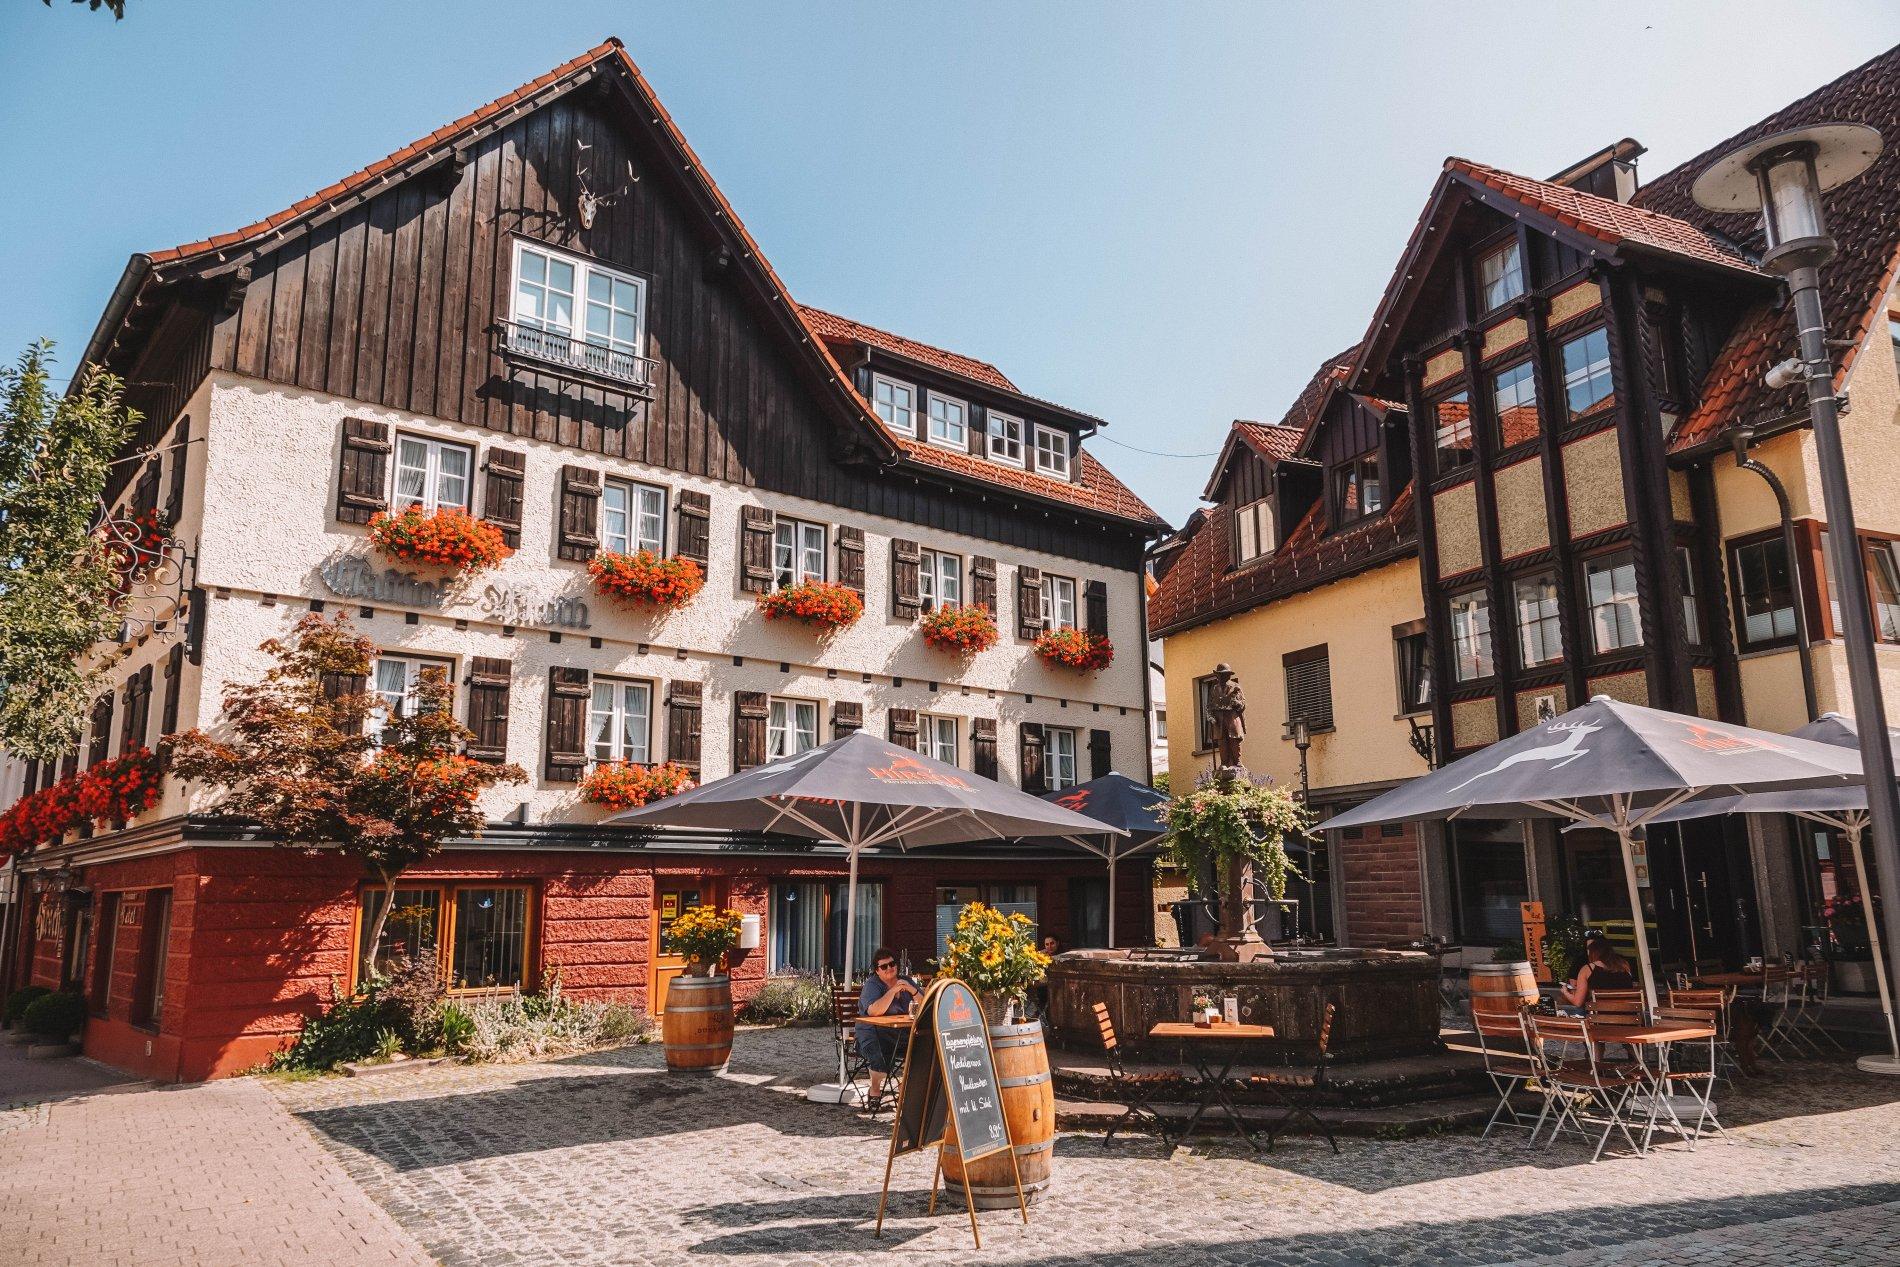 Terrasse des Café Hirschbrunnen